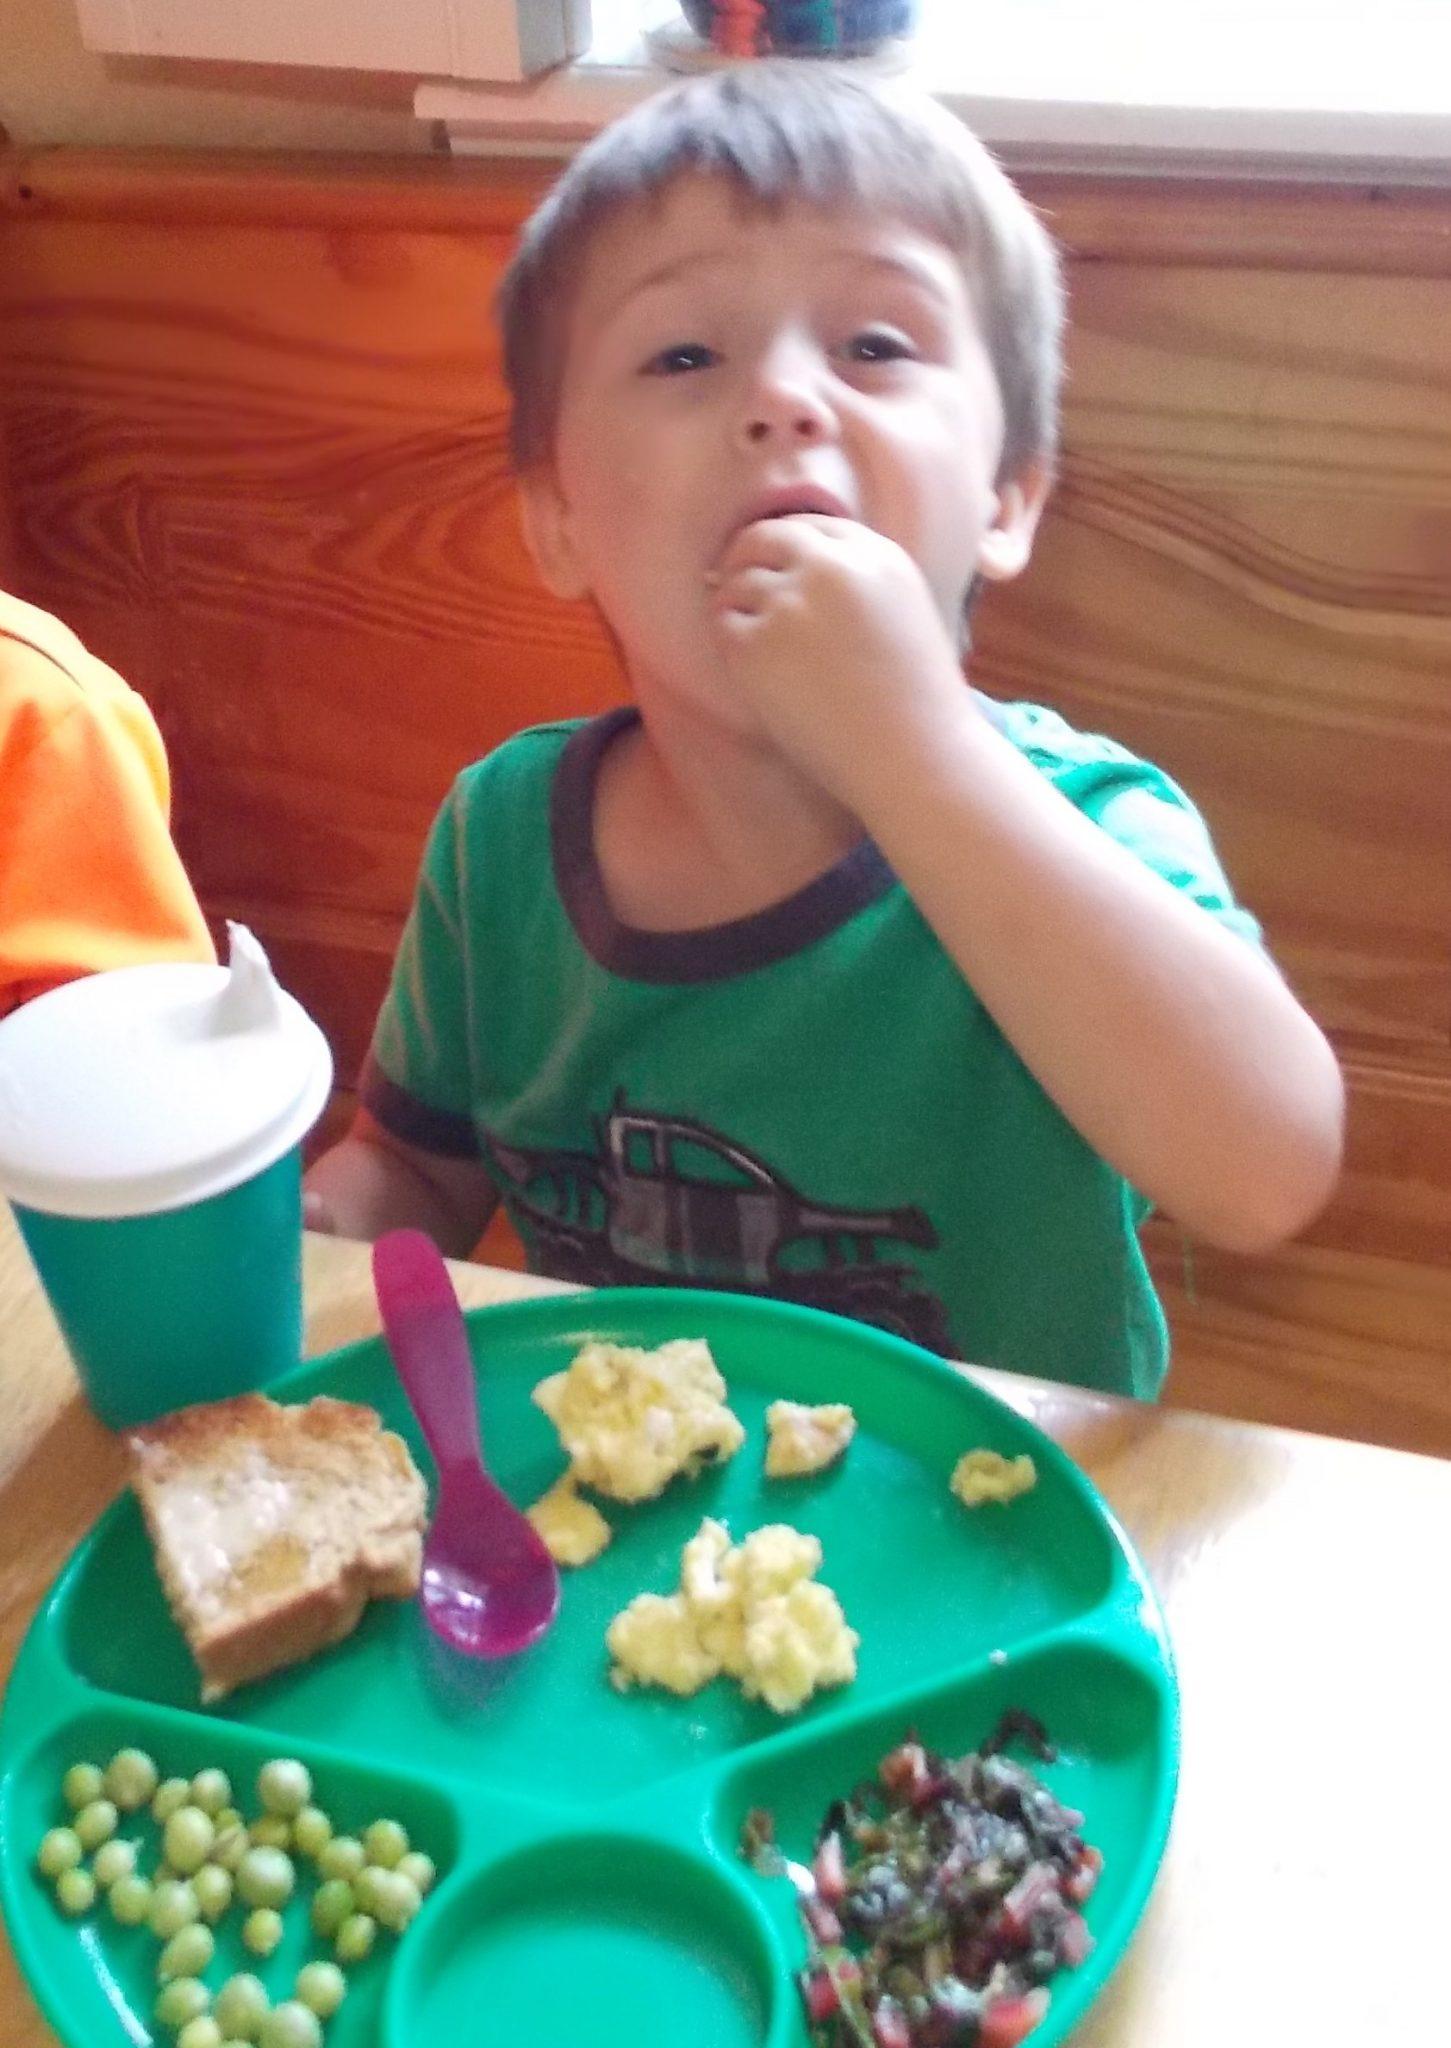 kids enjoying healthy food